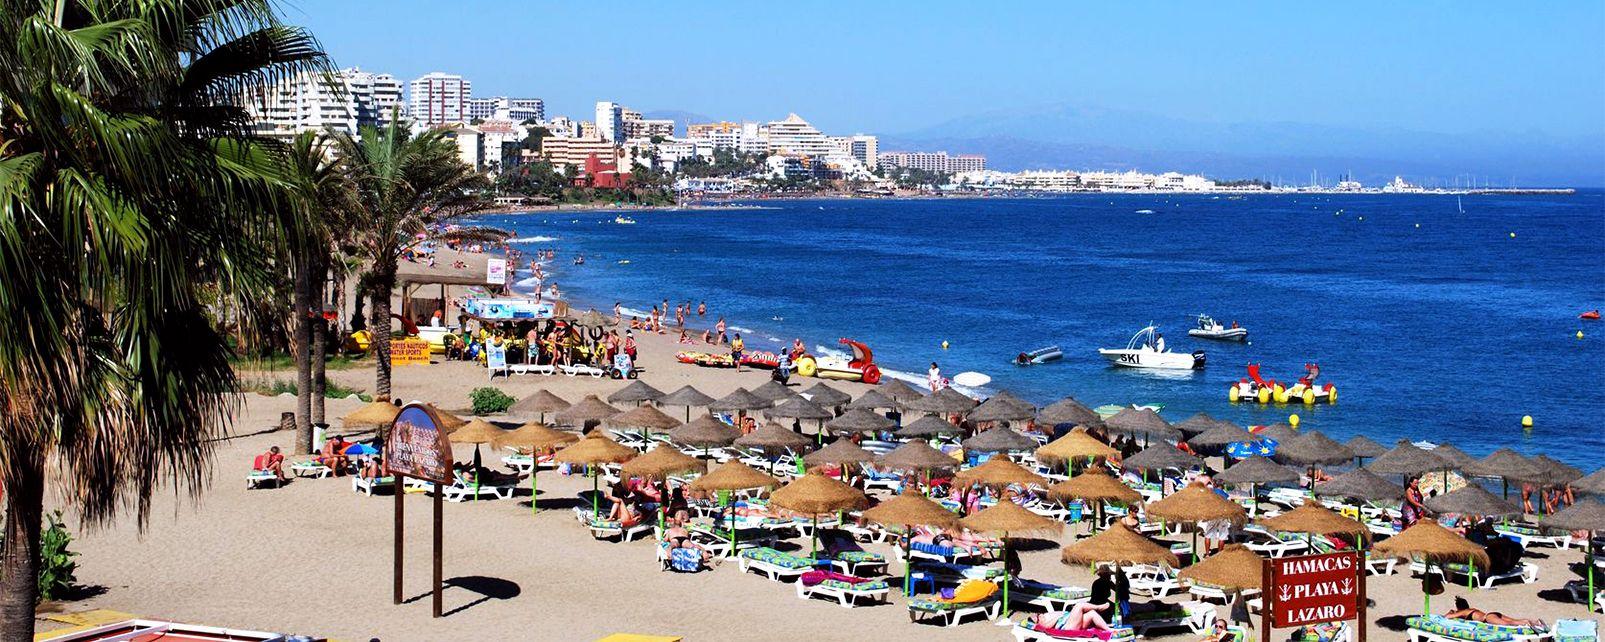 La spiaggia di Benalmadena, Costa del Sol - Benalmadena Costa, Le rive, Andalusia